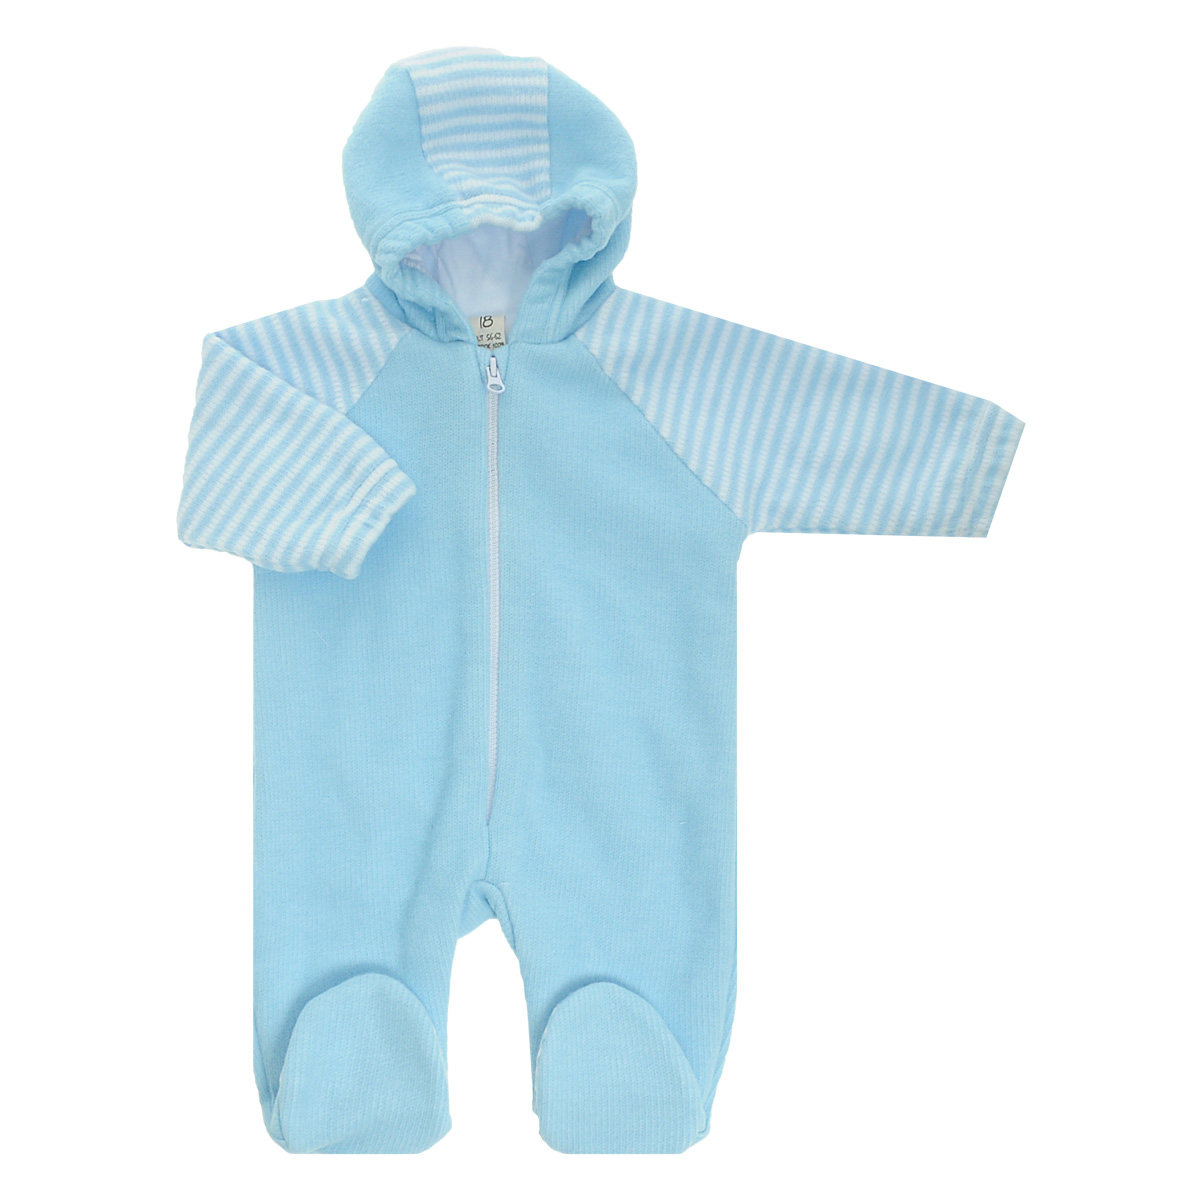 Комбинезон детский Lucky Child, цвет: голубой, белая полоска. 4-13. Размер 56/624-13Детский вязаный комбинезон с капюшоном Lucky Child - очень удобный и практичный вид одежды для малышей. Комбинезон выполнен из натурального хлопка, на подкладке также используется натуральный хлопок, благодаря чему он необычайно мягкий и приятный на ощупь, не раздражают нежную кожу ребенка и хорошо вентилируются, а эластичные швы приятны телу малыша и не препятствуют его движениям. Комбинезон с длинными рукавами-реглан и закрытыми ножками имеет пластиковую застежку-молнию по центру, которая помогает легко переодеть младенца. Рукава понизу дополнены неширокими эластичными манжетами, не перетягивающими запястья. С детским комбинезоном Lucky Child спинка и ножки вашего малыша всегда будут в тепле. Комбинезон полностью соответствует особенностям жизни младенца в ранний период, не стесняя и не ограничивая его в движениях!